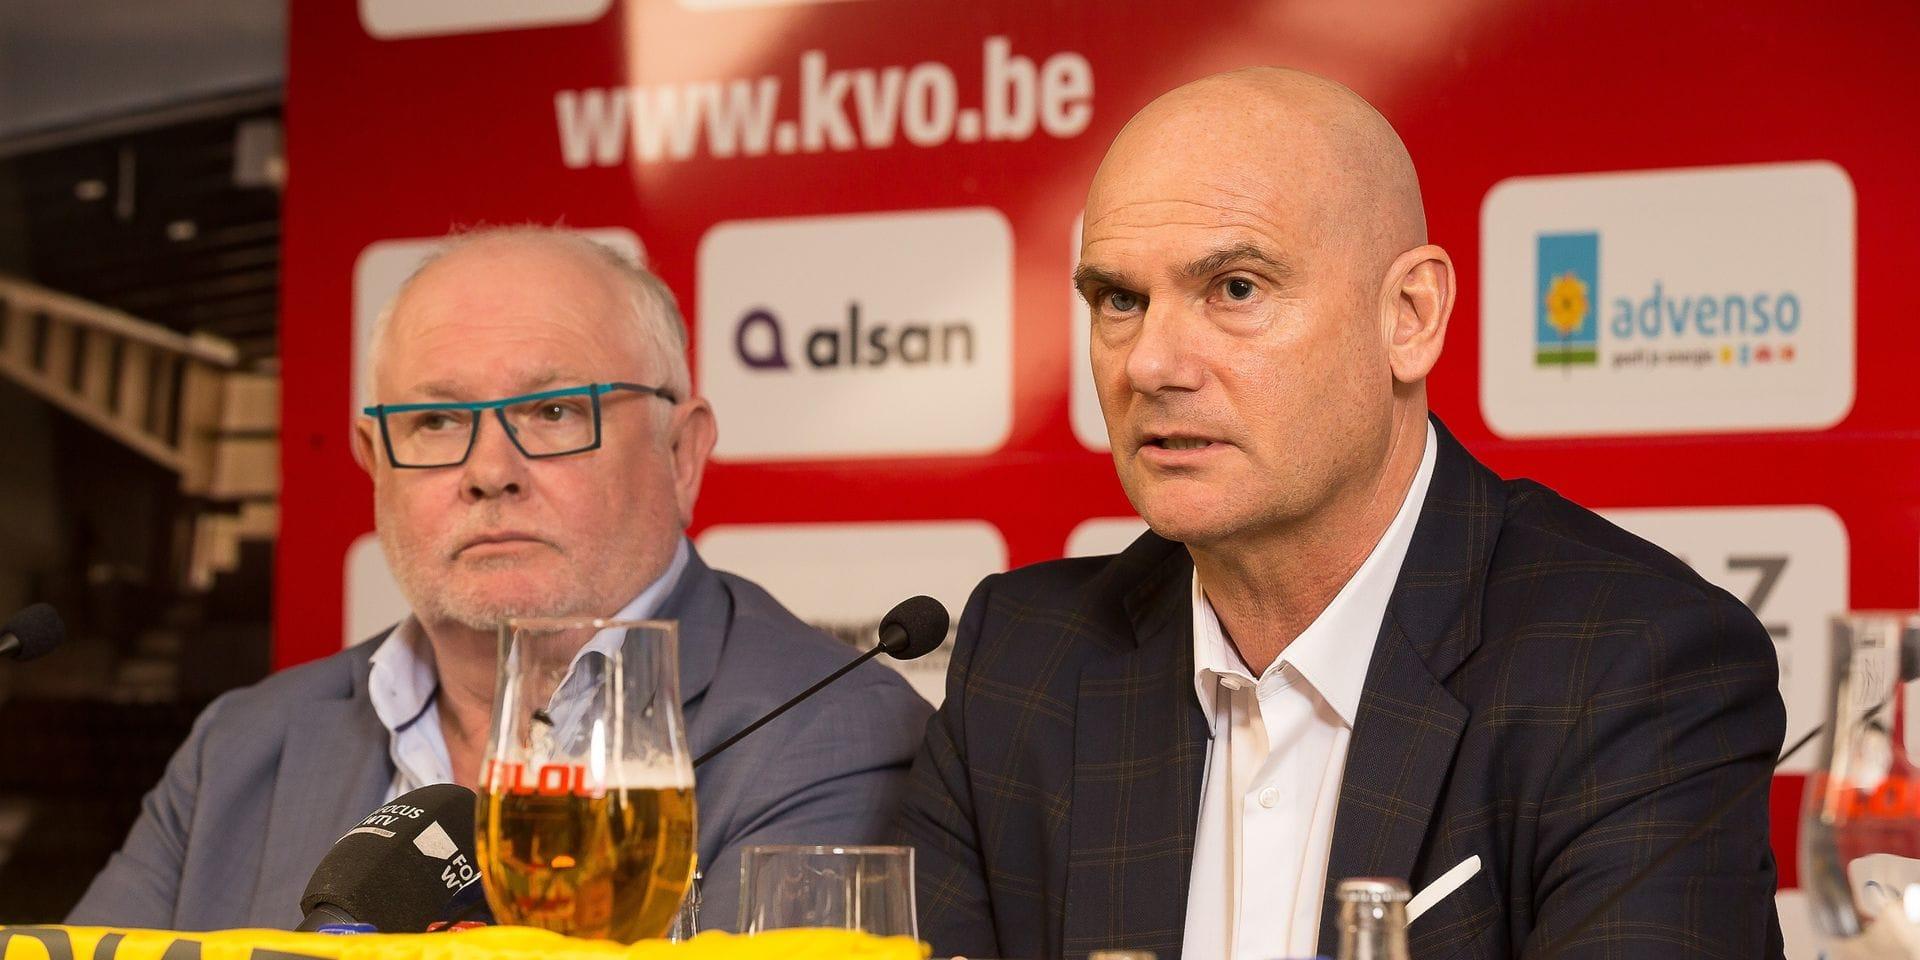 Le président du KV Ostende Frank Dierckens reconnait avoir reçu une offre d'achat